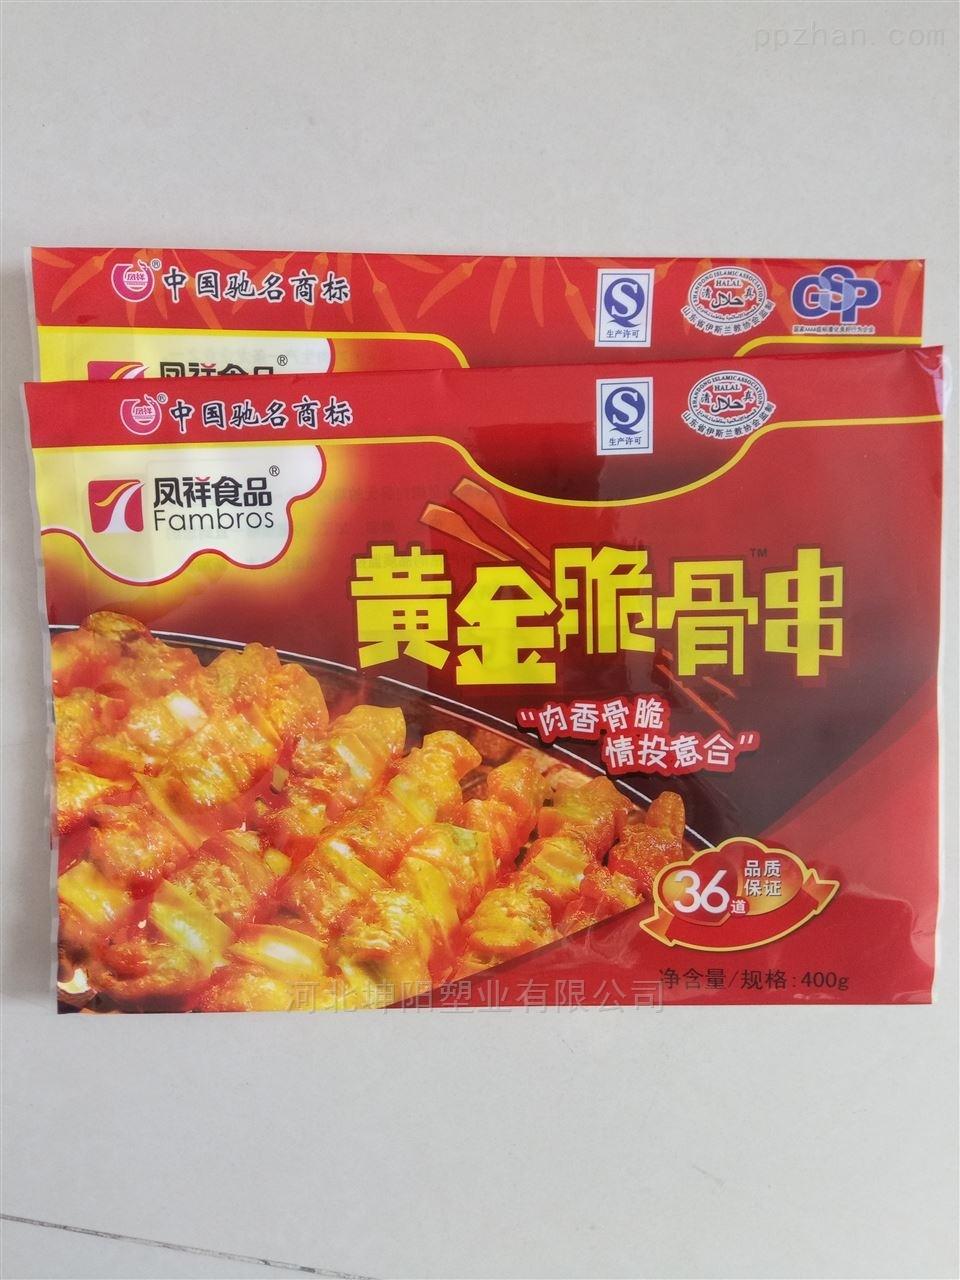 水饺油炸冷冻食品真空包装袋牛皮纸复合包装